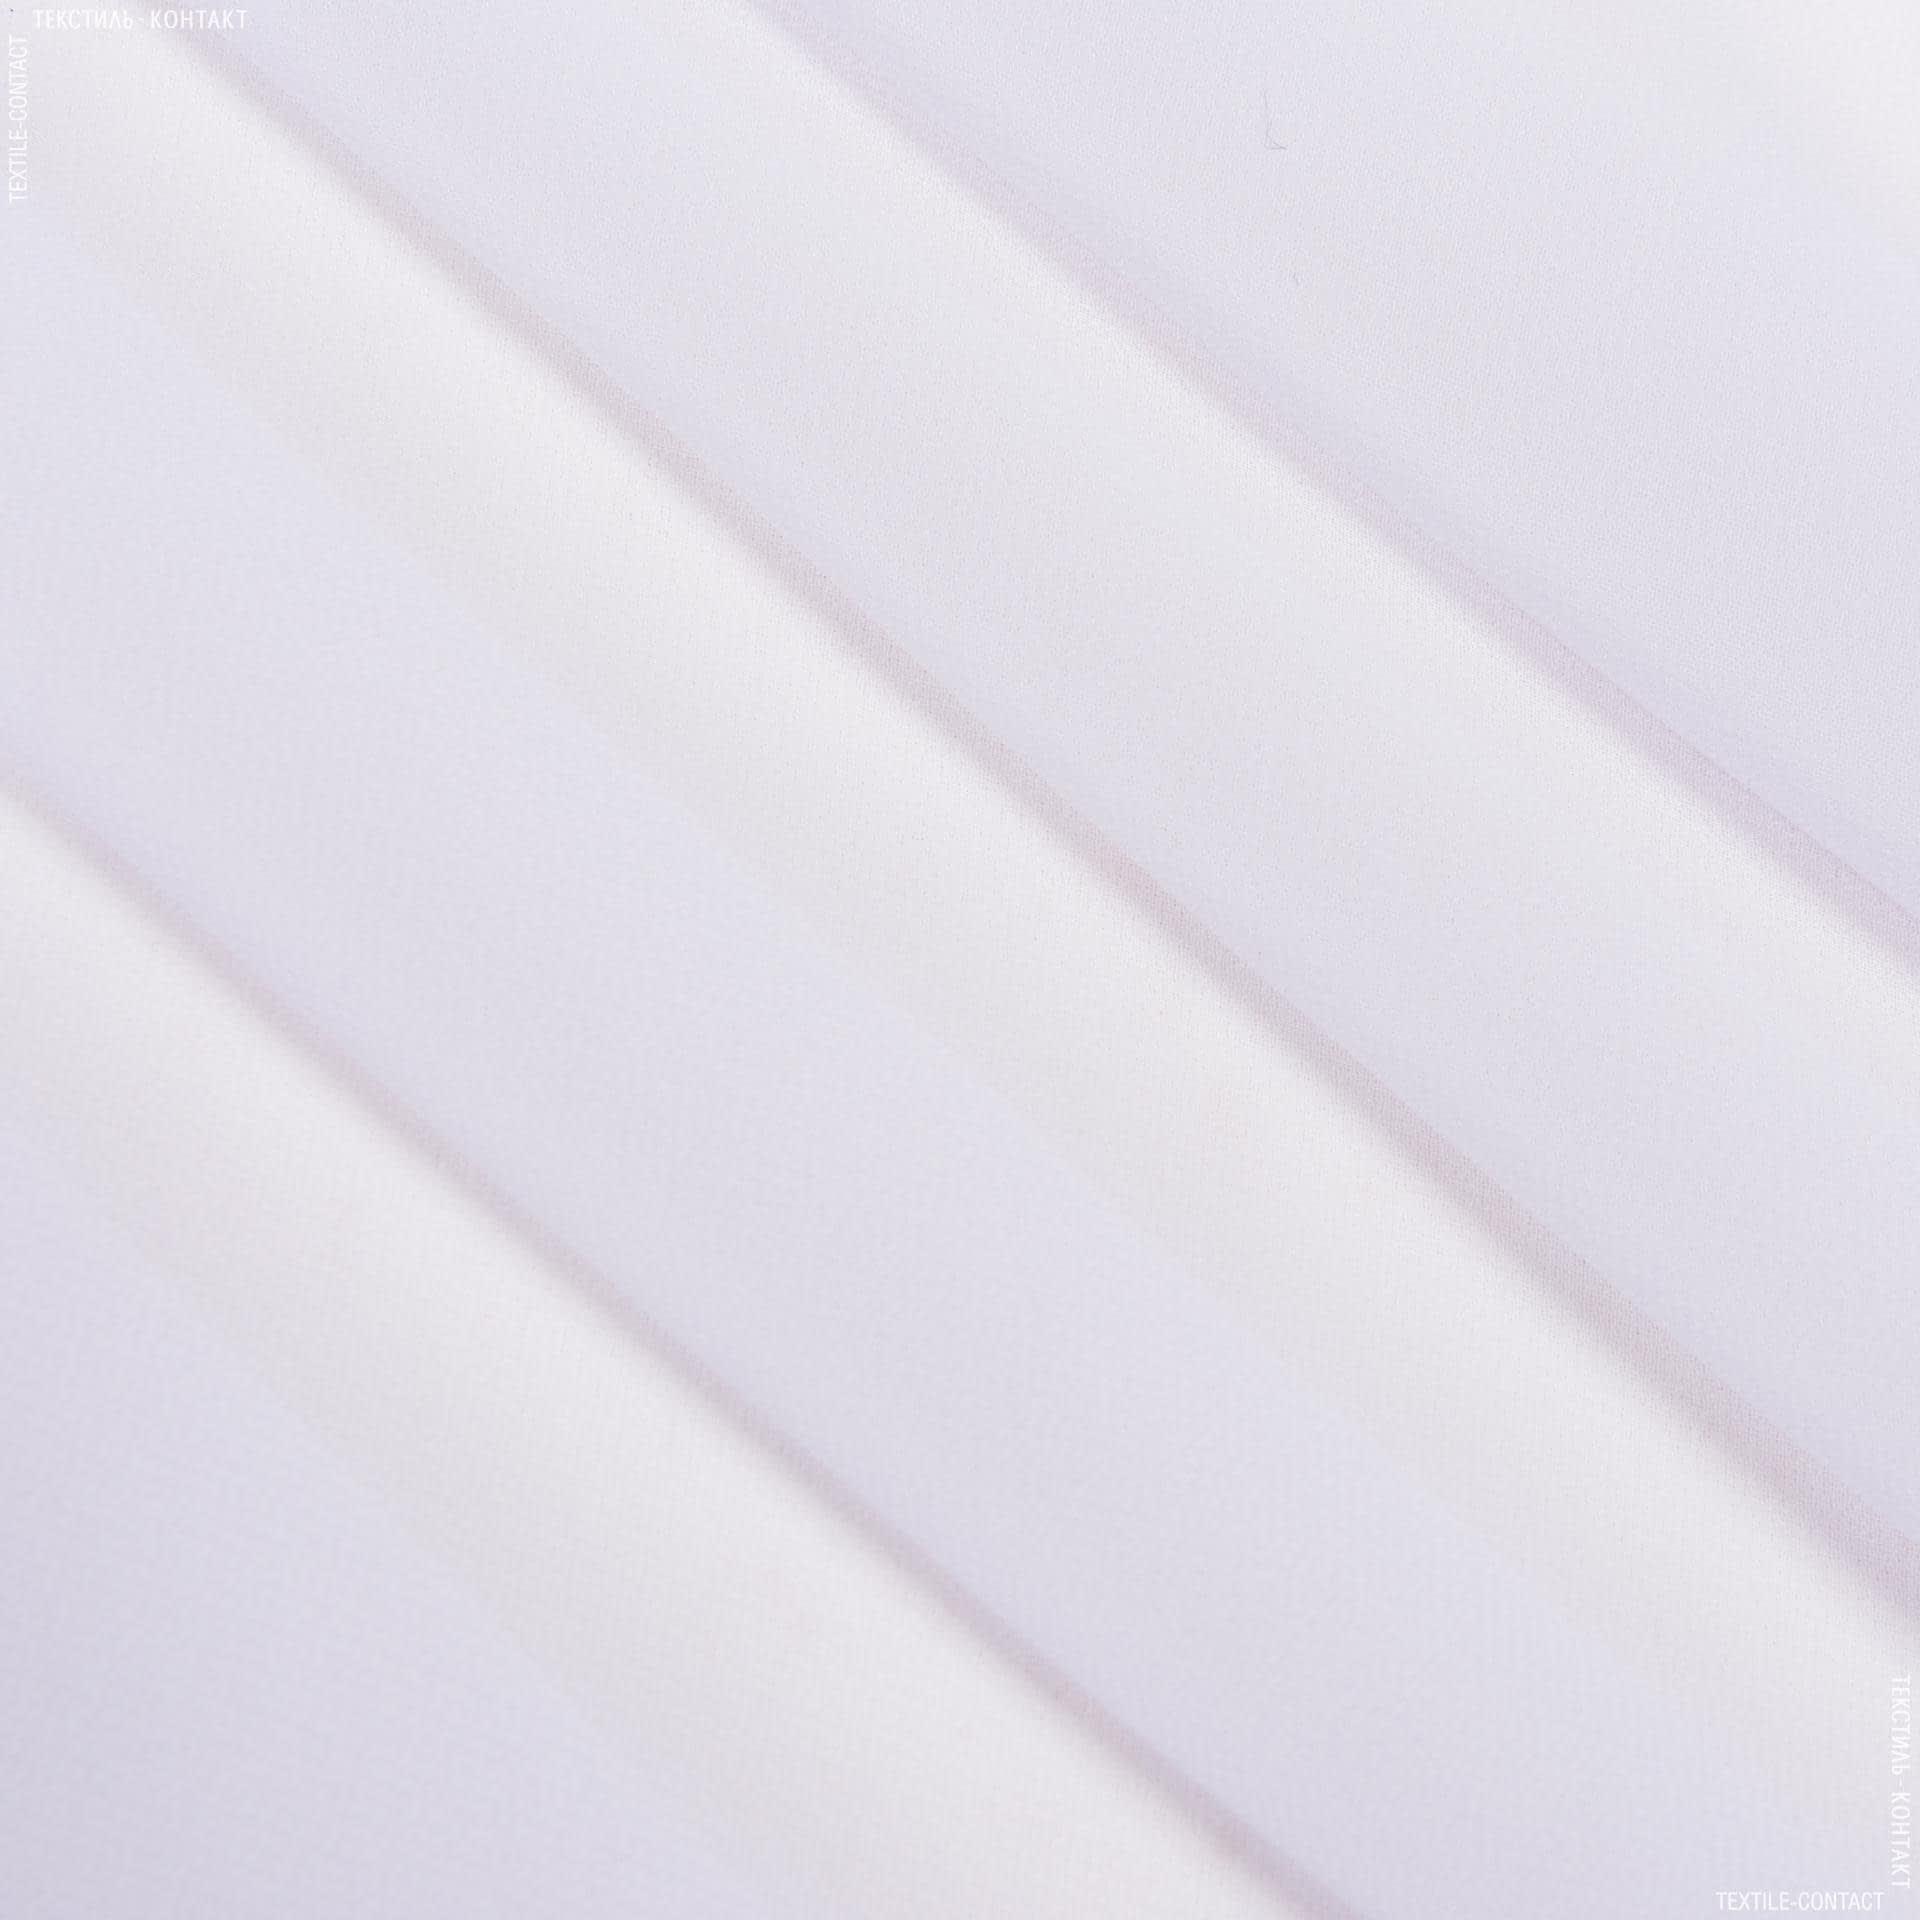 Тканини для хусток та бандан - Шифон мульті білий